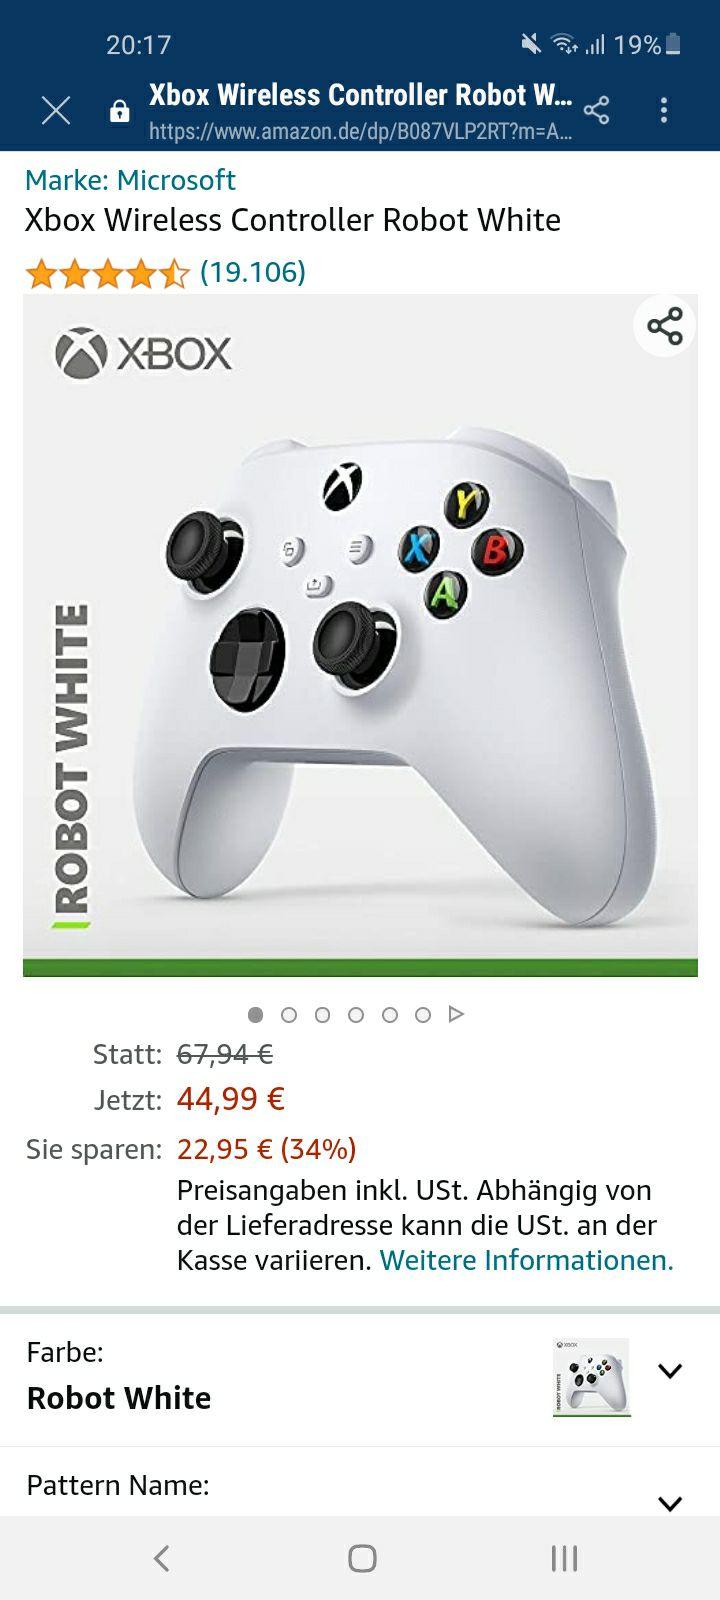 Xbox Wireless Controller in Robot White bei Amazon